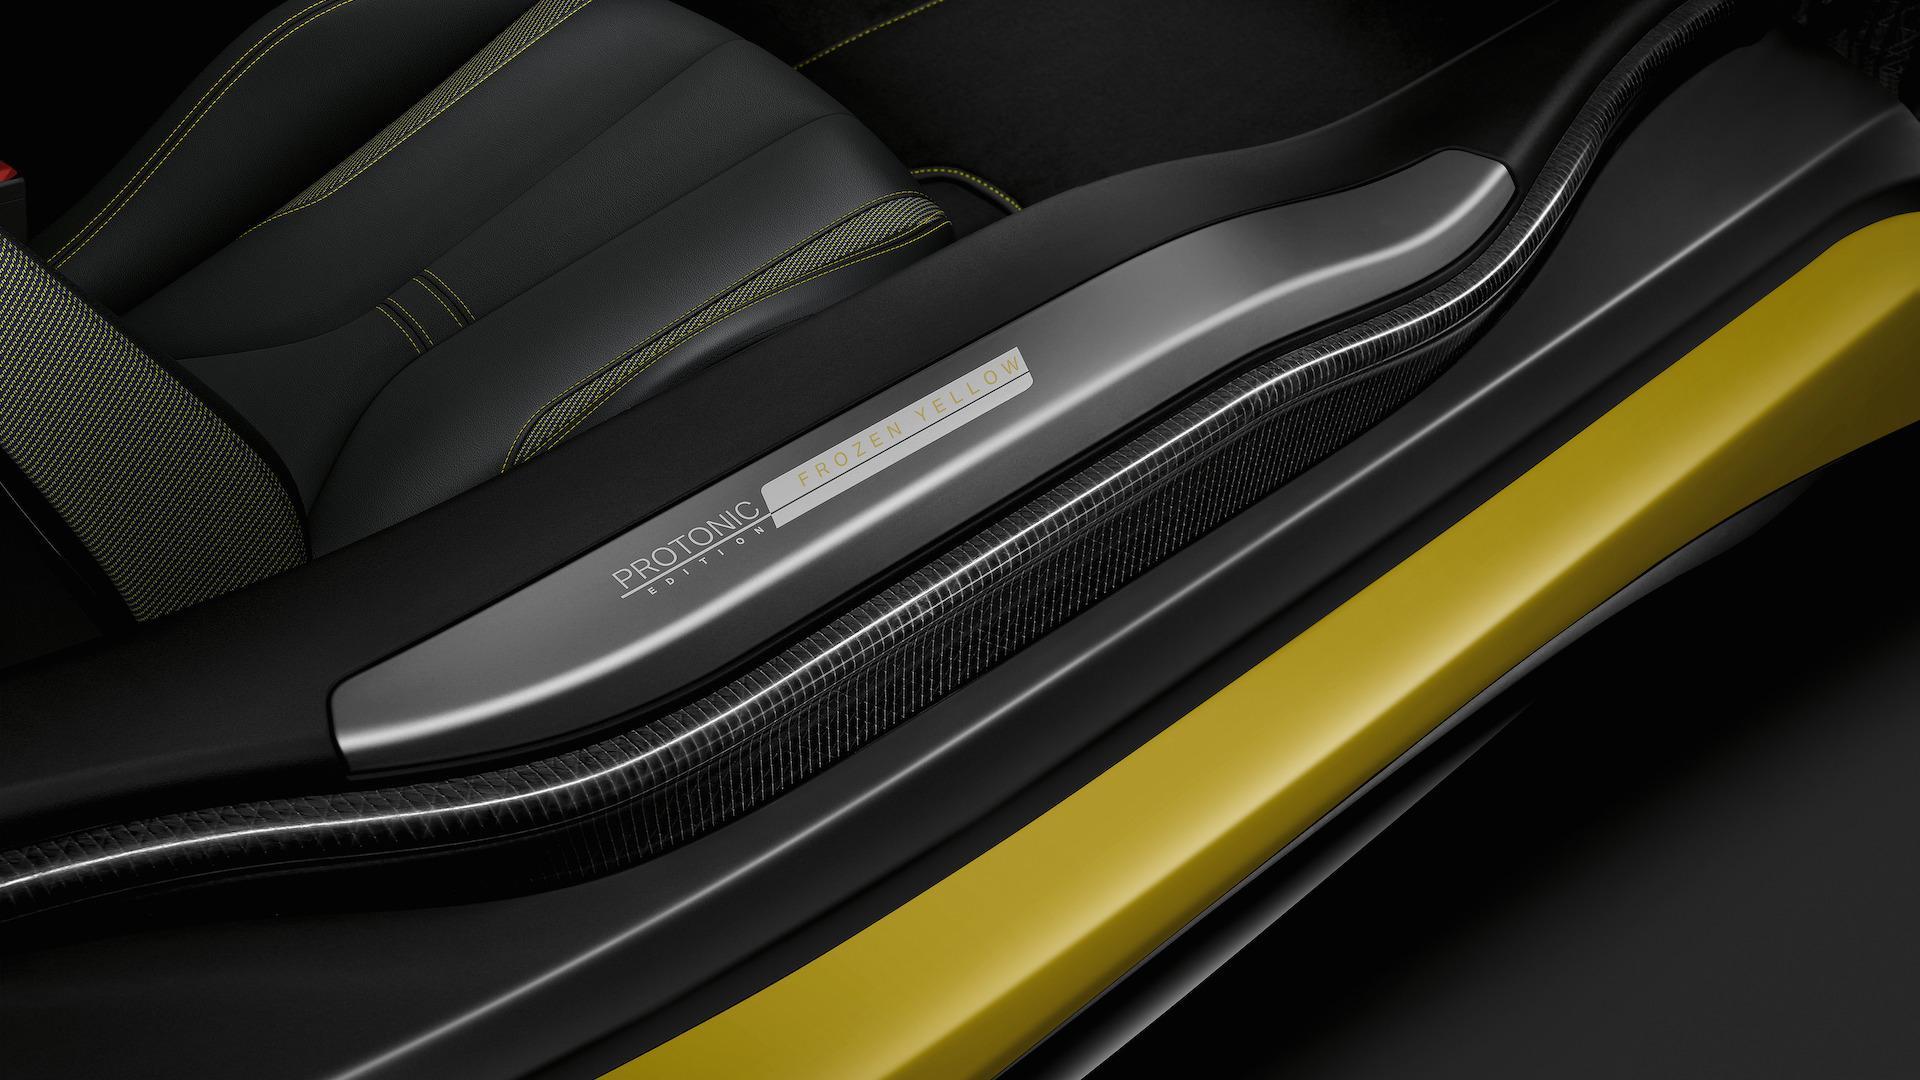 БМВ готовится выпустить особую серию БМВ i8 Special Edition